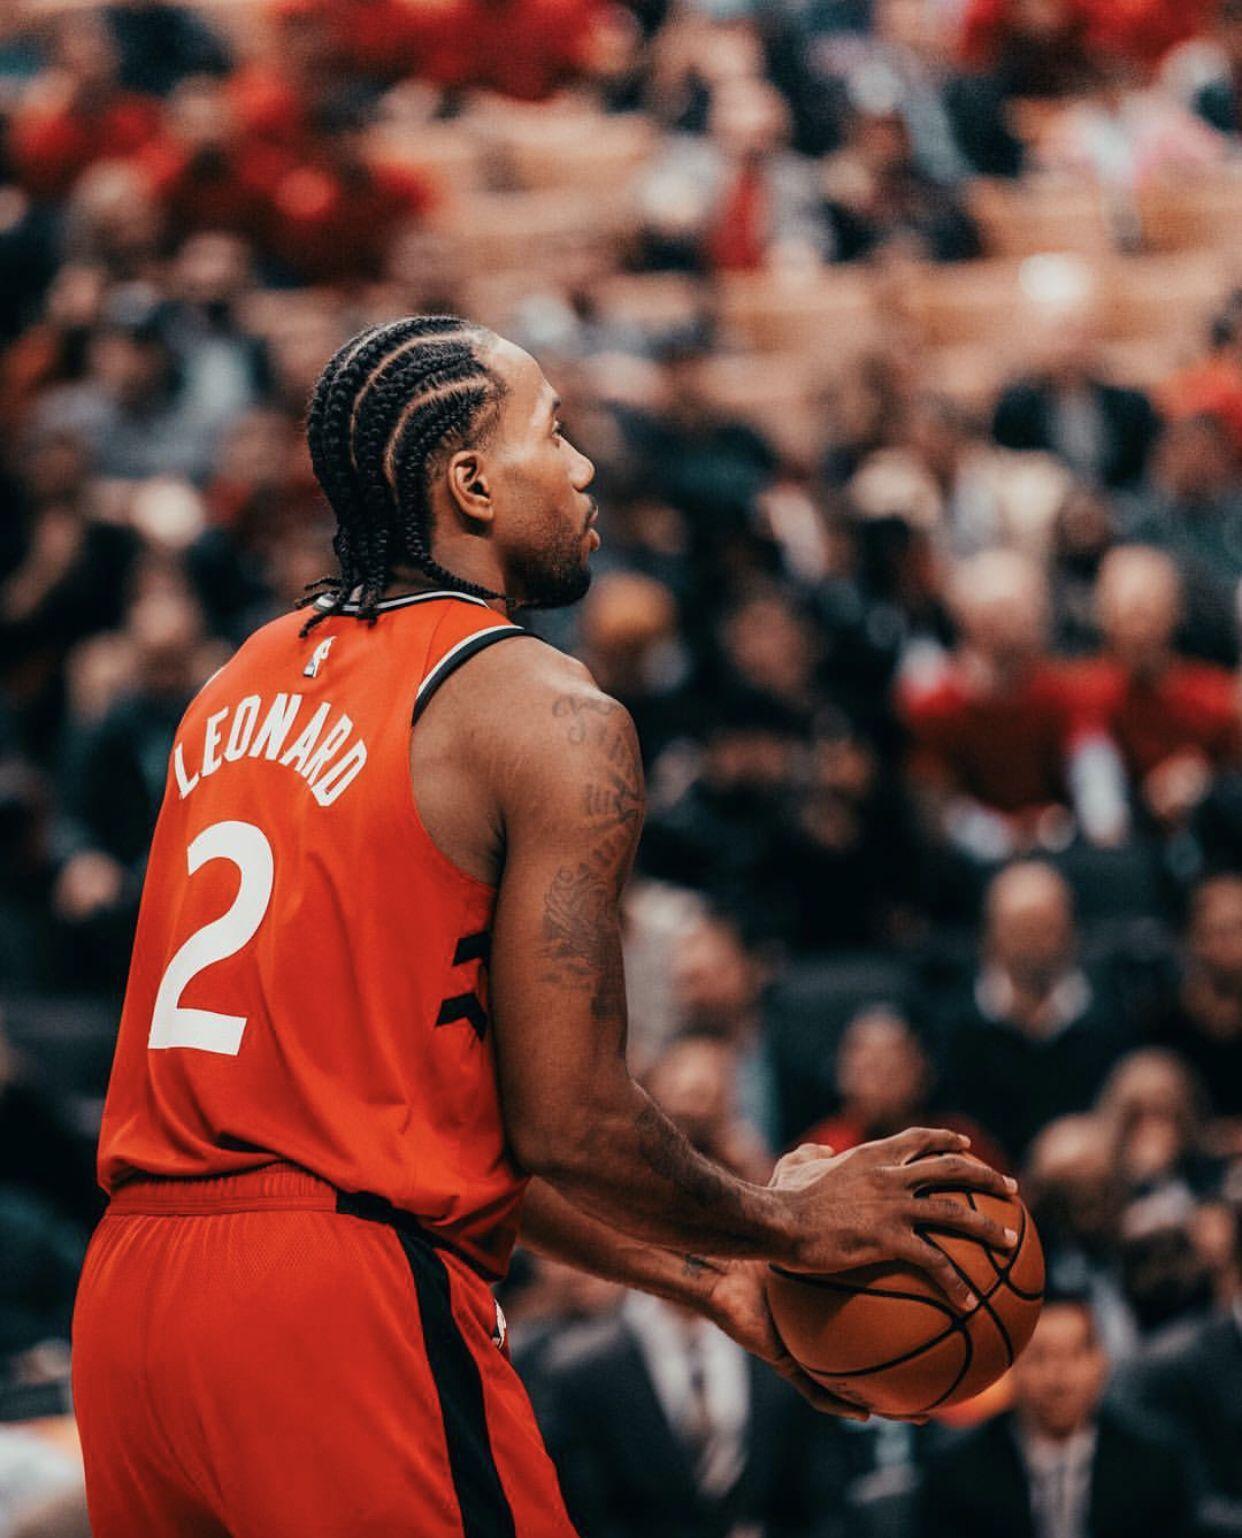 Kawhi Leonard Of The Toronto Raptors Ball Hairstyles Nba Basketball Photography